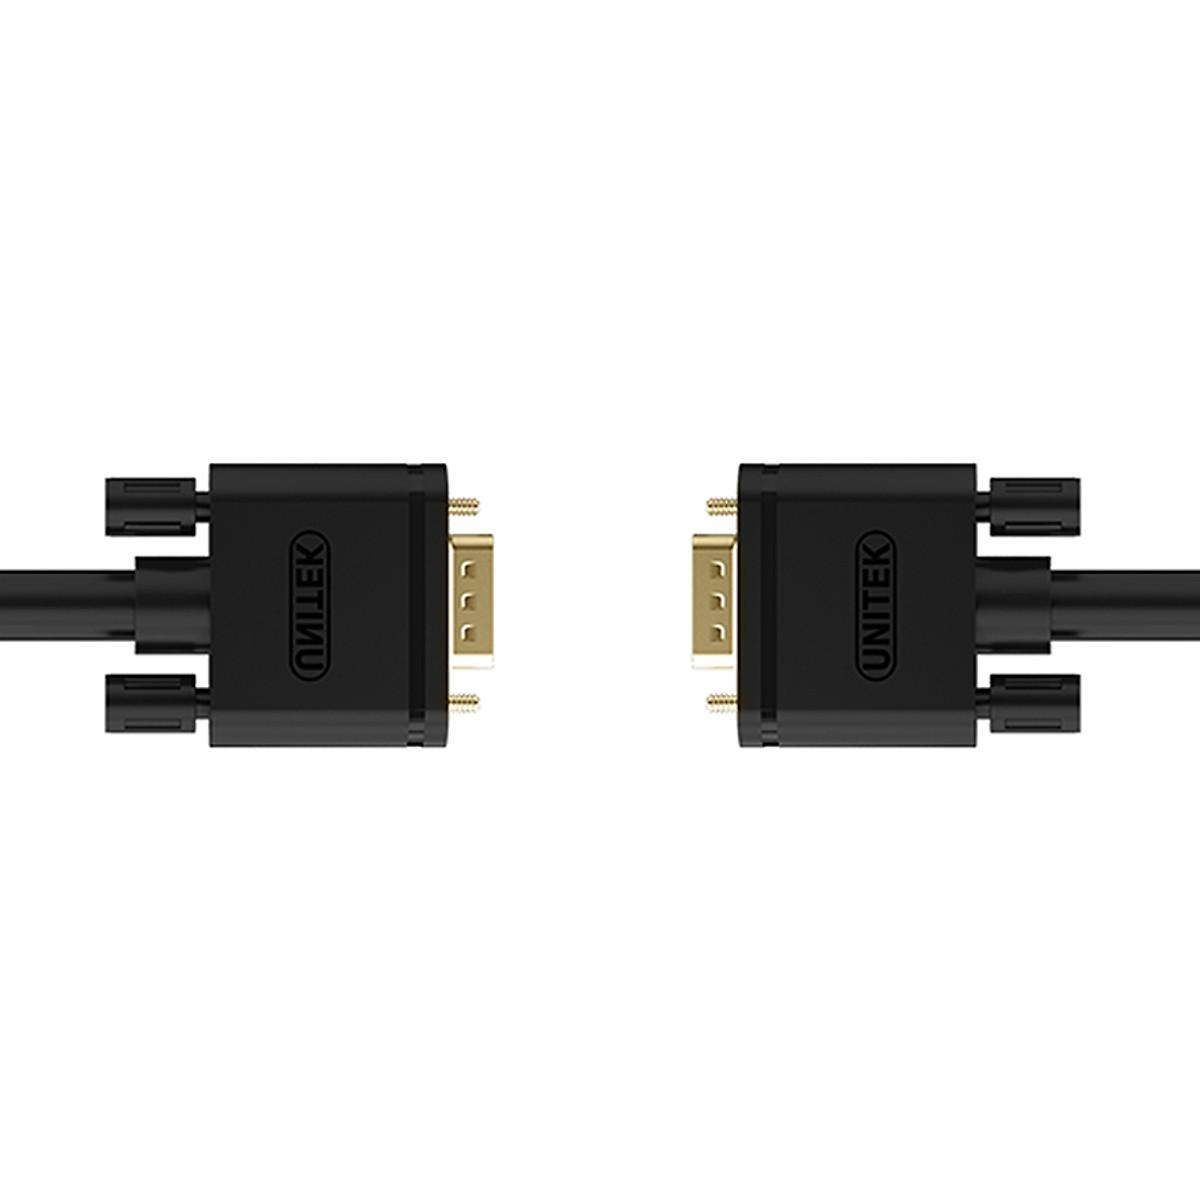 Cáp VGA ra VGA 5m Unitek - Cáp Máy Chiếu Hàng Chính Hãng